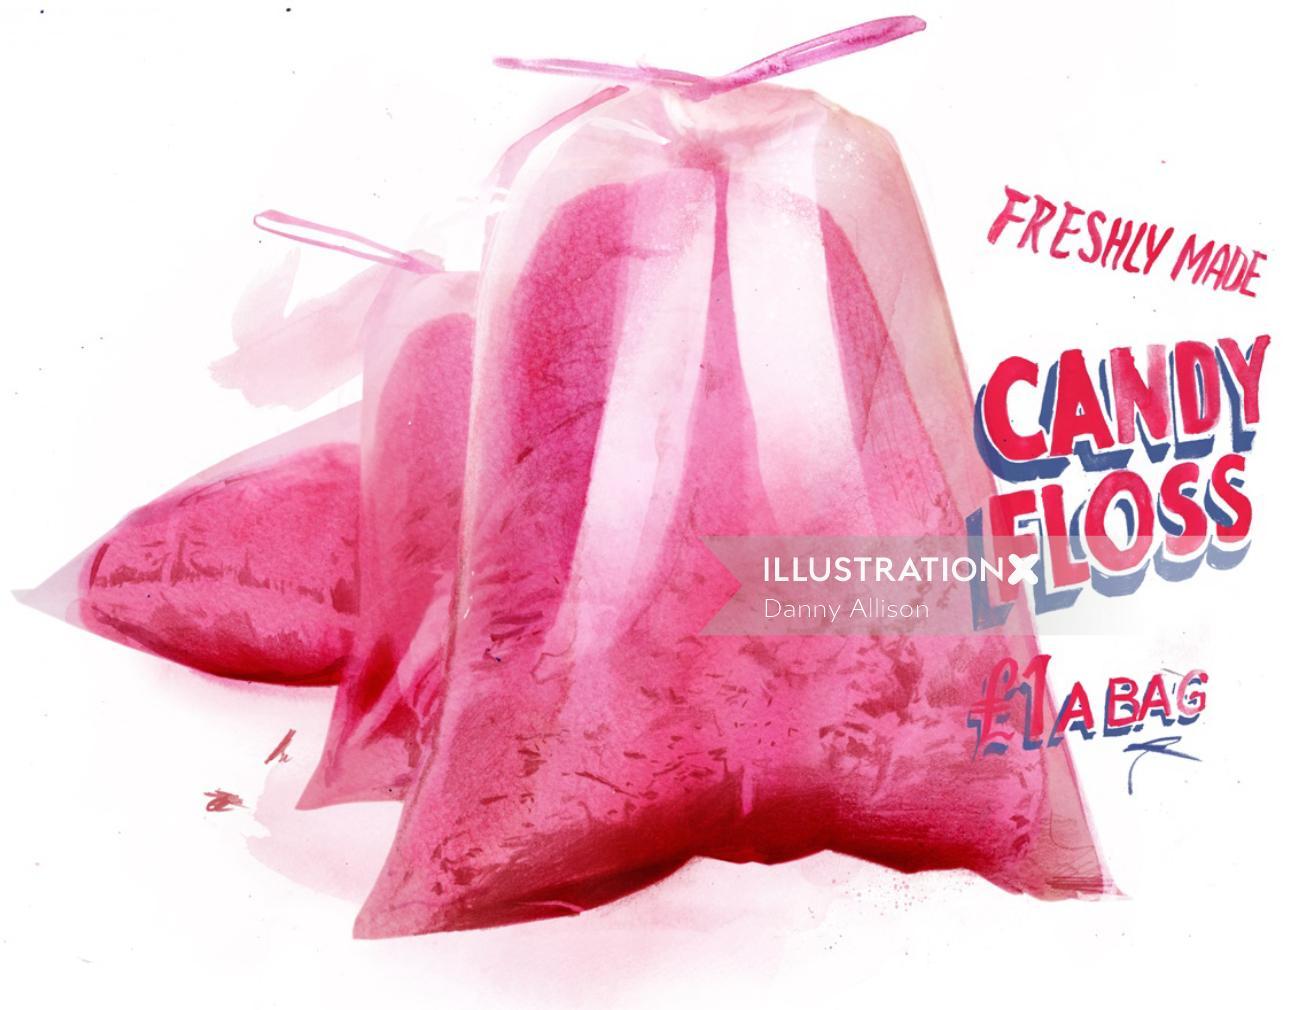 candy floss, food, sweets, packaging, package, junk, junk food, treats, sugary, sweet, sweeties,